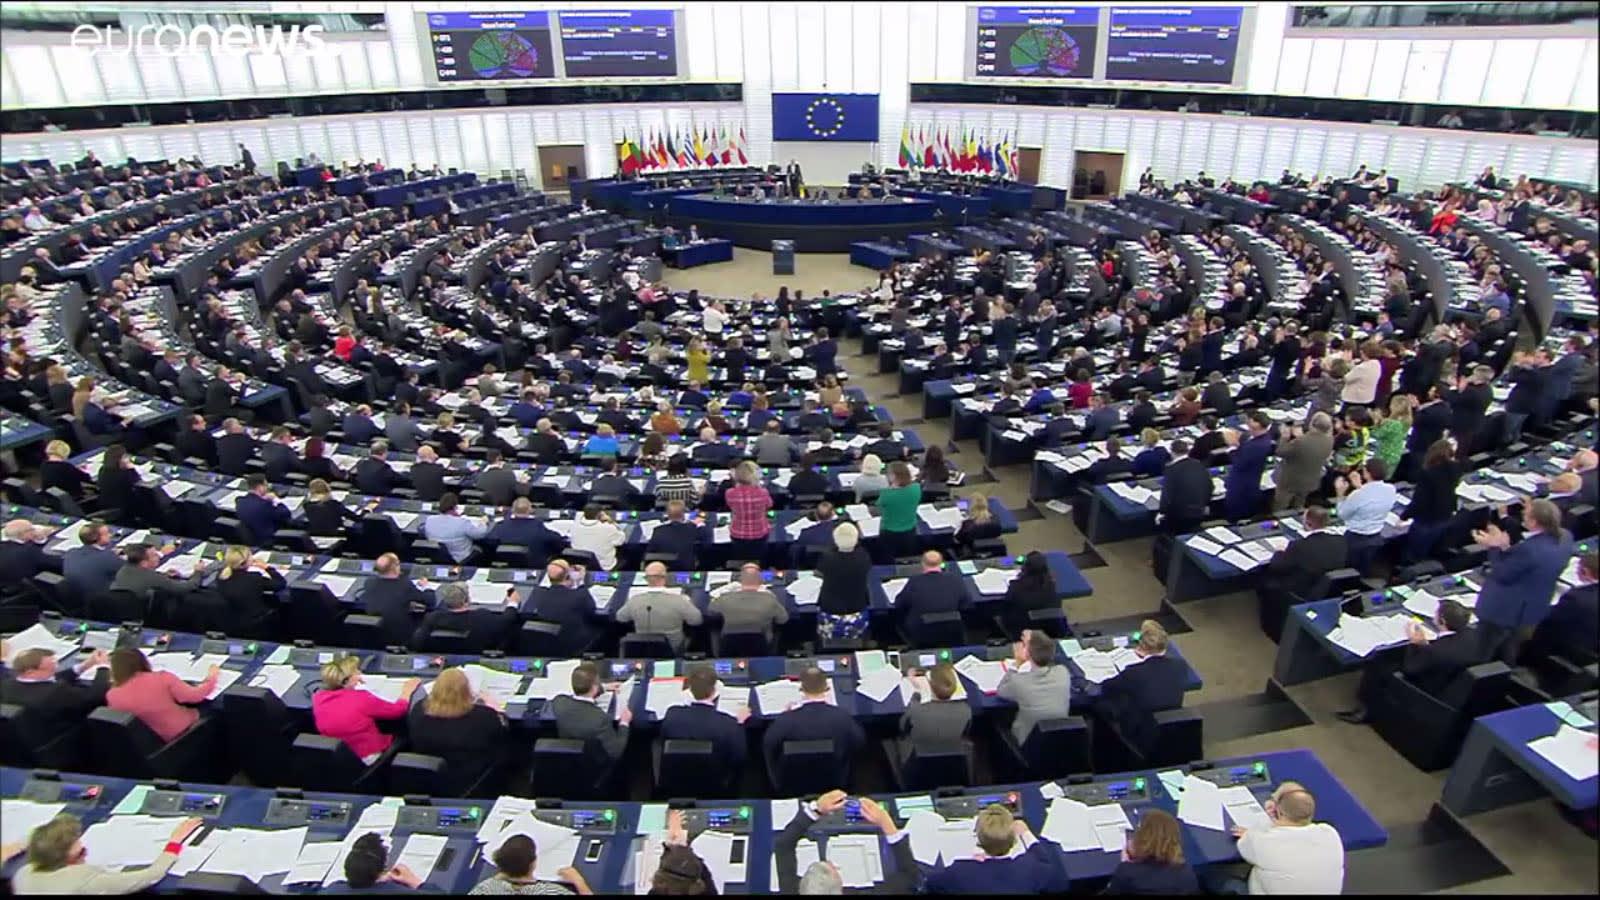 Éghajlati veszélyhelyzet, deklarálta az Európai Parlament